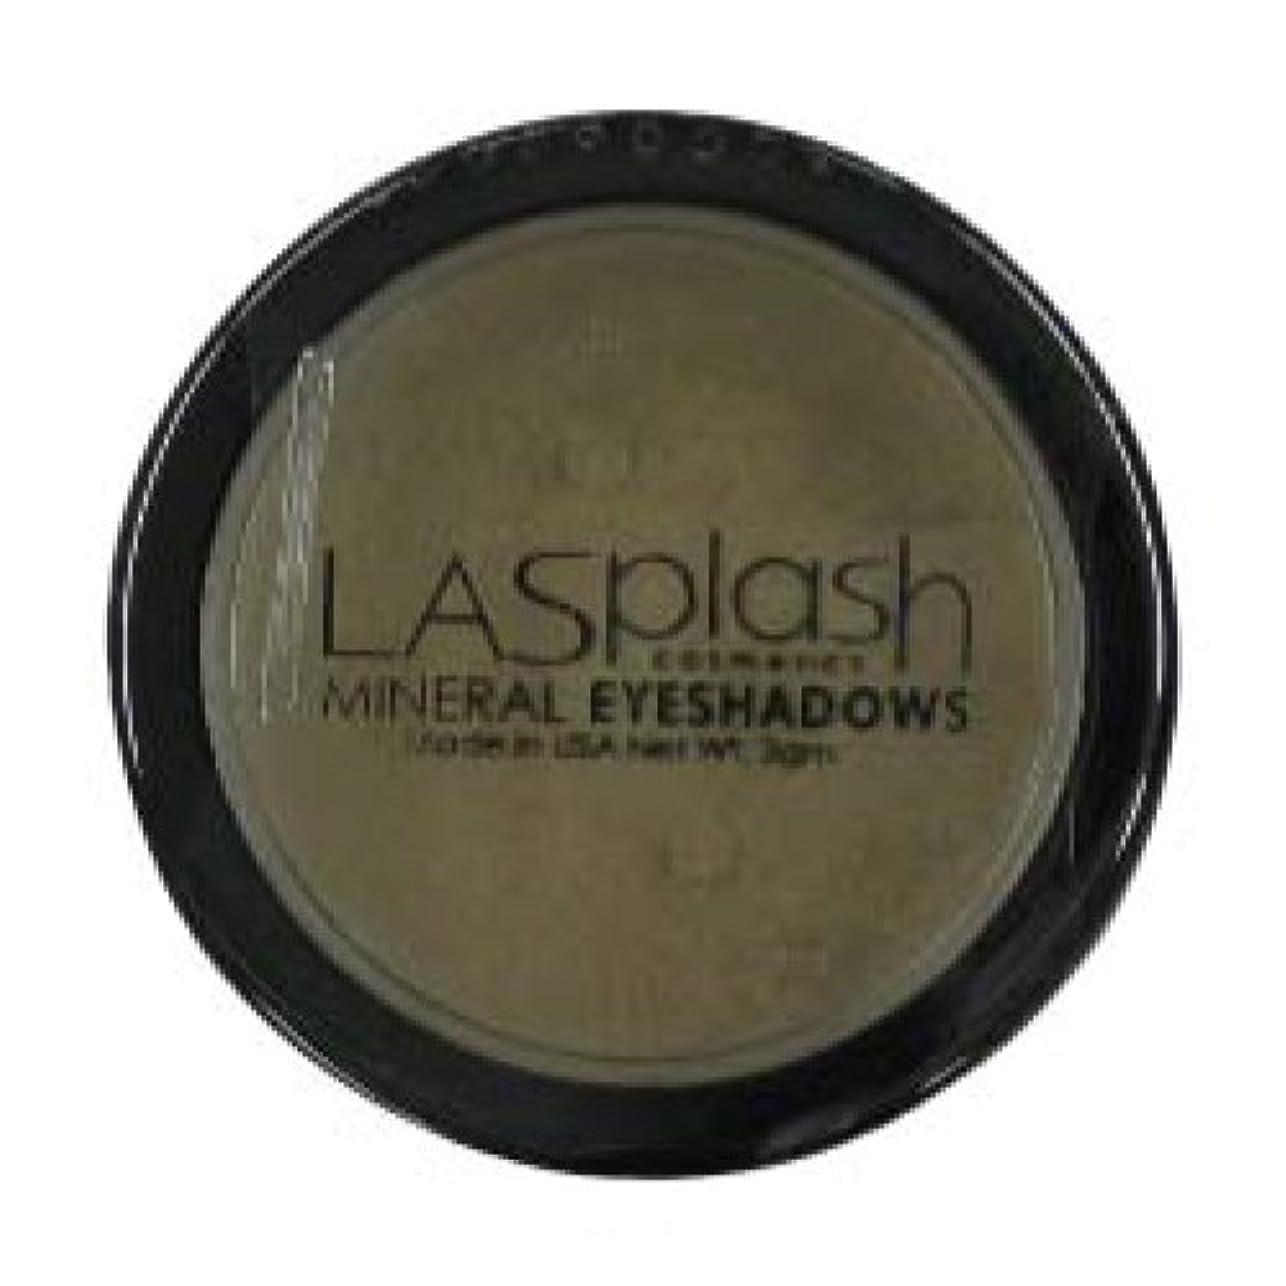 チロリンスニックネームLASplash ミネラルアイスパークルアイシャドウスパークリングゴールド237